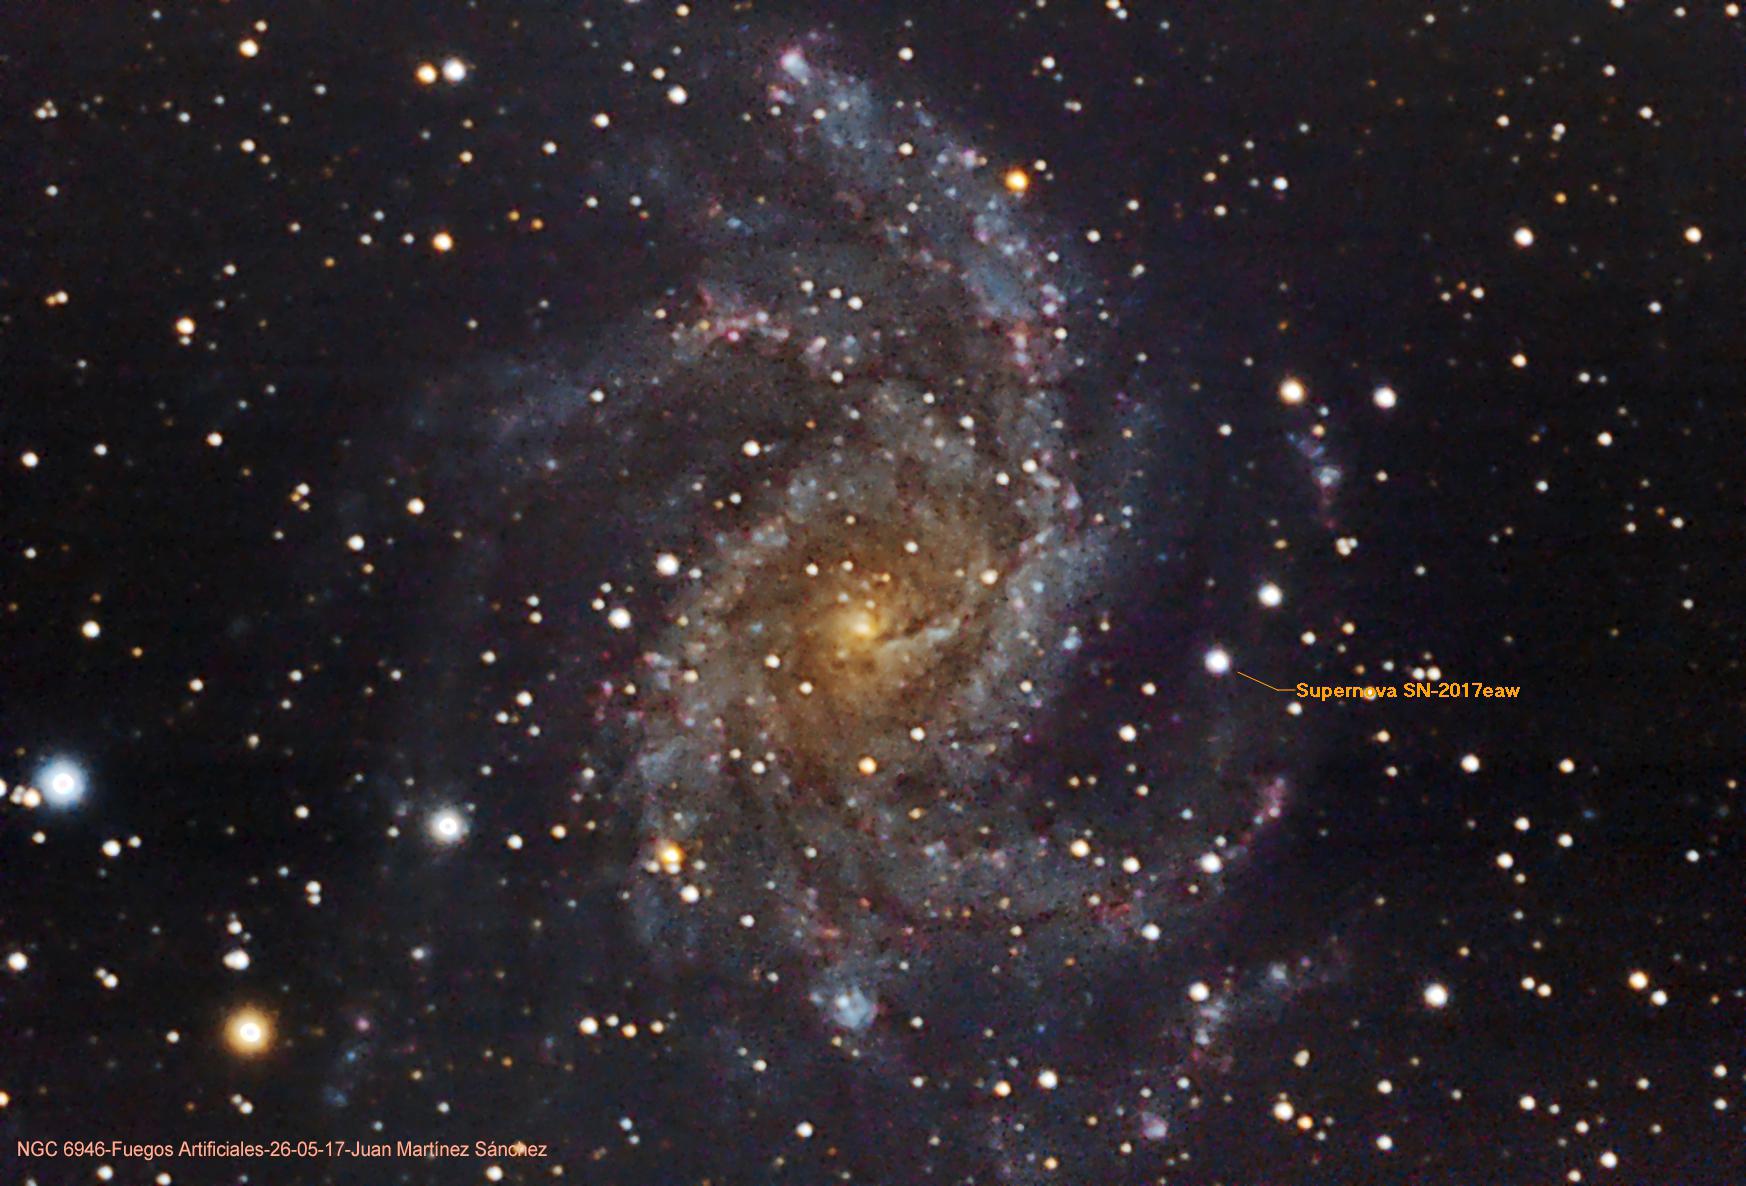 NGC6946-supernova-SN2017eaw-26-05-17 Juan Martínez Sánchez